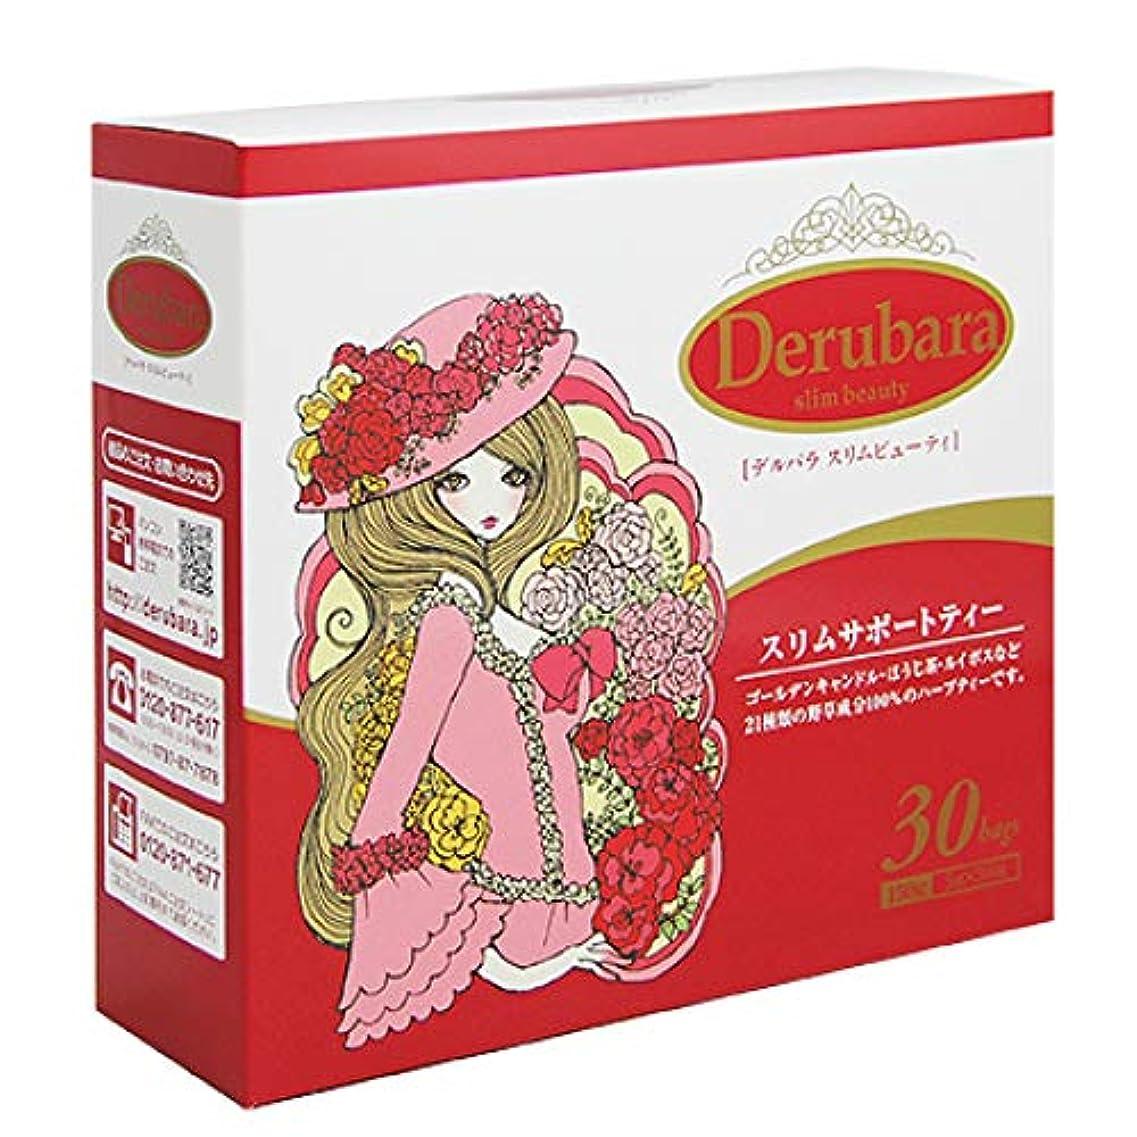 メロディーパンダ抗生物質デルバラスリムビューティ 2箱セット (1包5g×30包入)×2箱 朝スッキリ! キャンドルブッシュ お茶